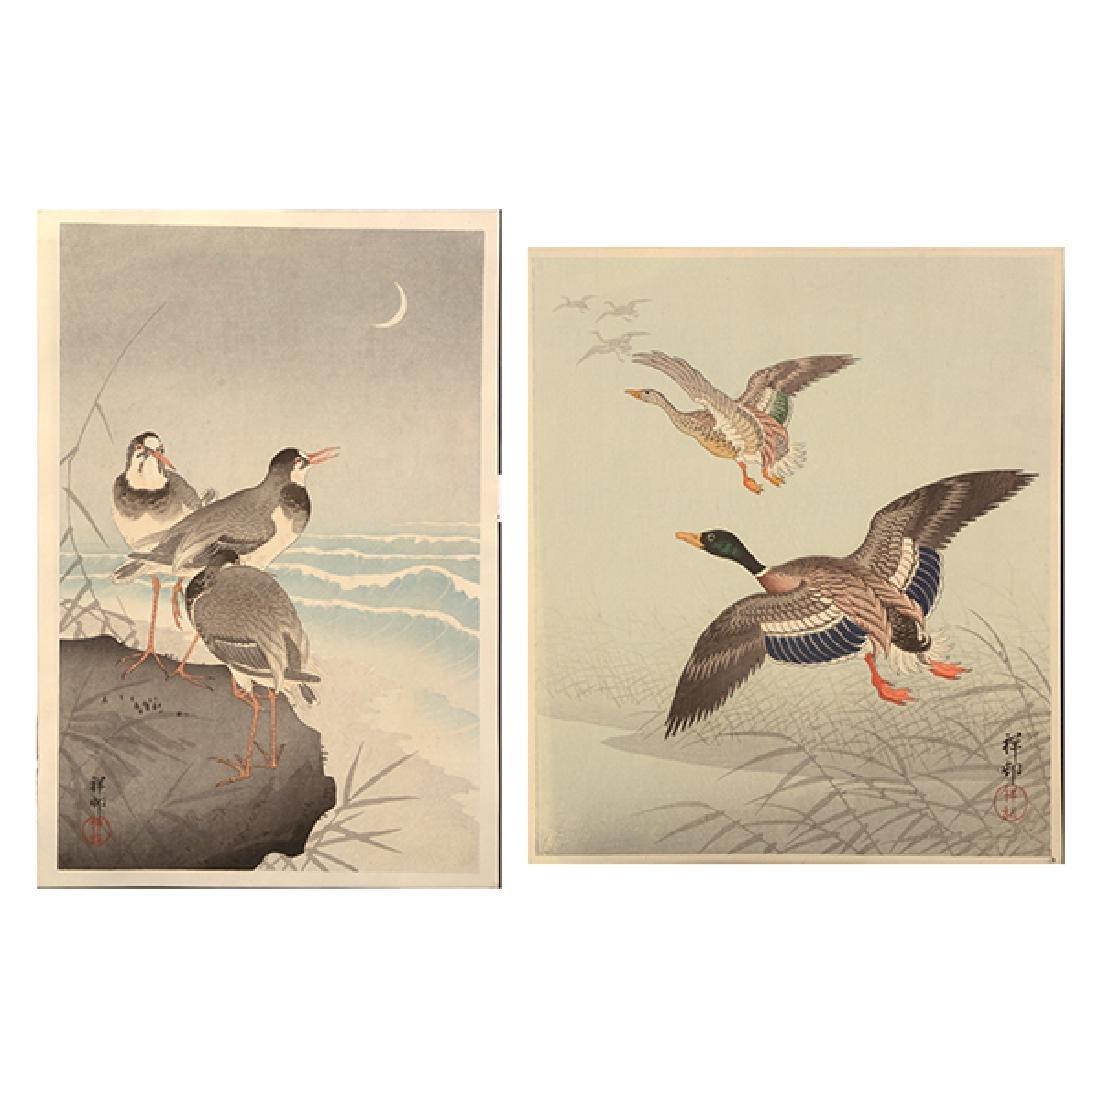 Koson Ohara (1877-1945): Two Woodblock Prints